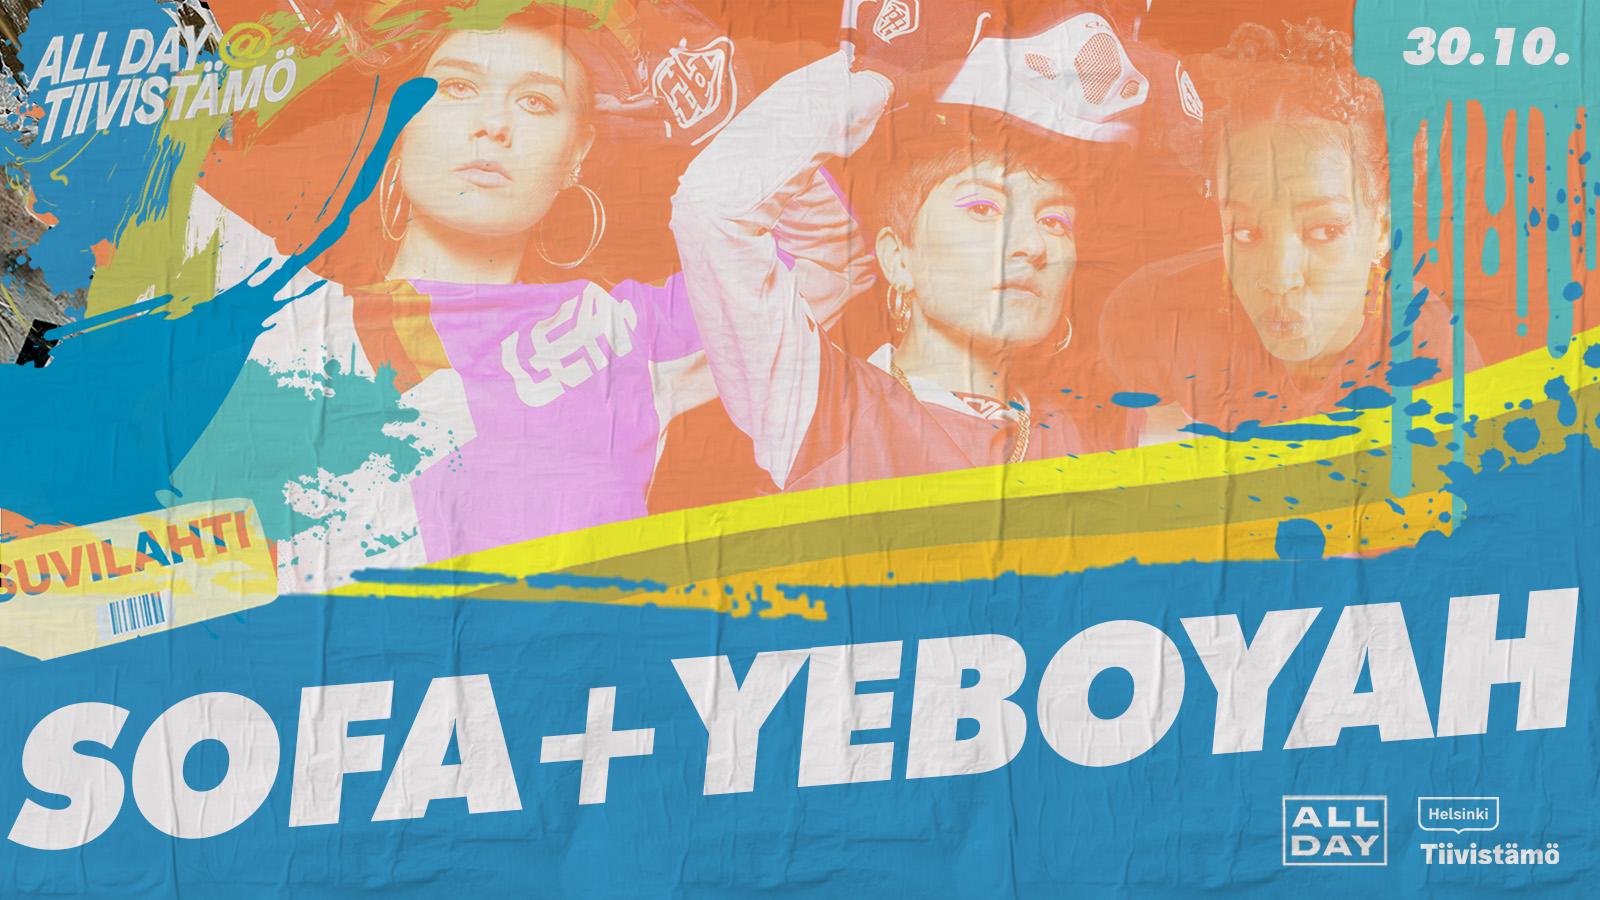 Linkki tapahtumaan Sofa + Yeboyah